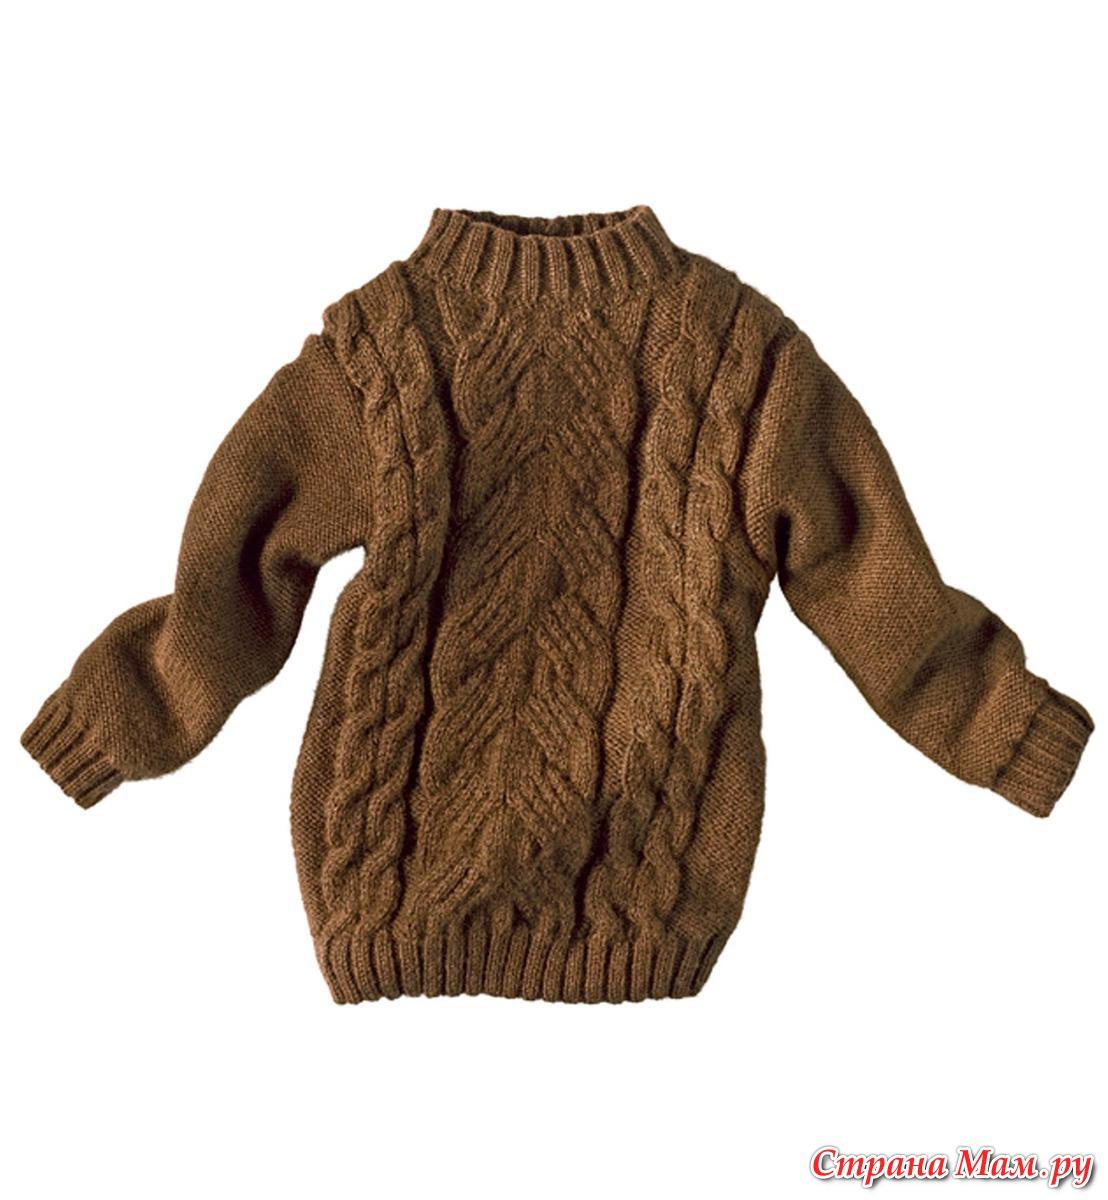 Ирландский Пуловер Доставка